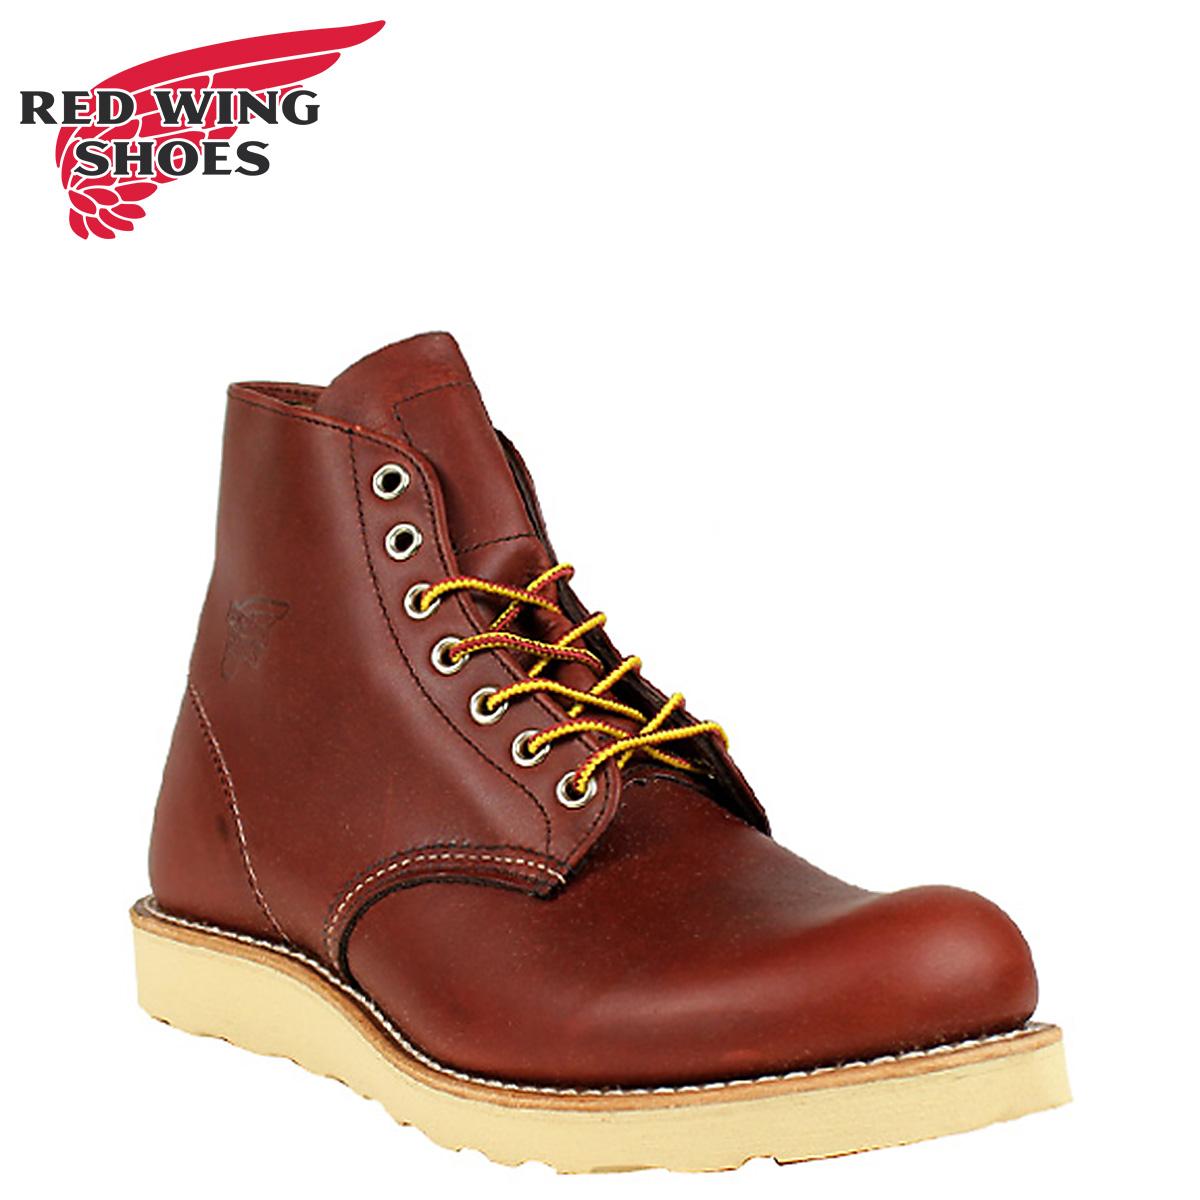 RED WING レッドウィング アイリッシュセッター ブーツ 6INCH ROUND TOE 6インチ ラウンド トゥ Dワイズ 9105 カッパー メンズ